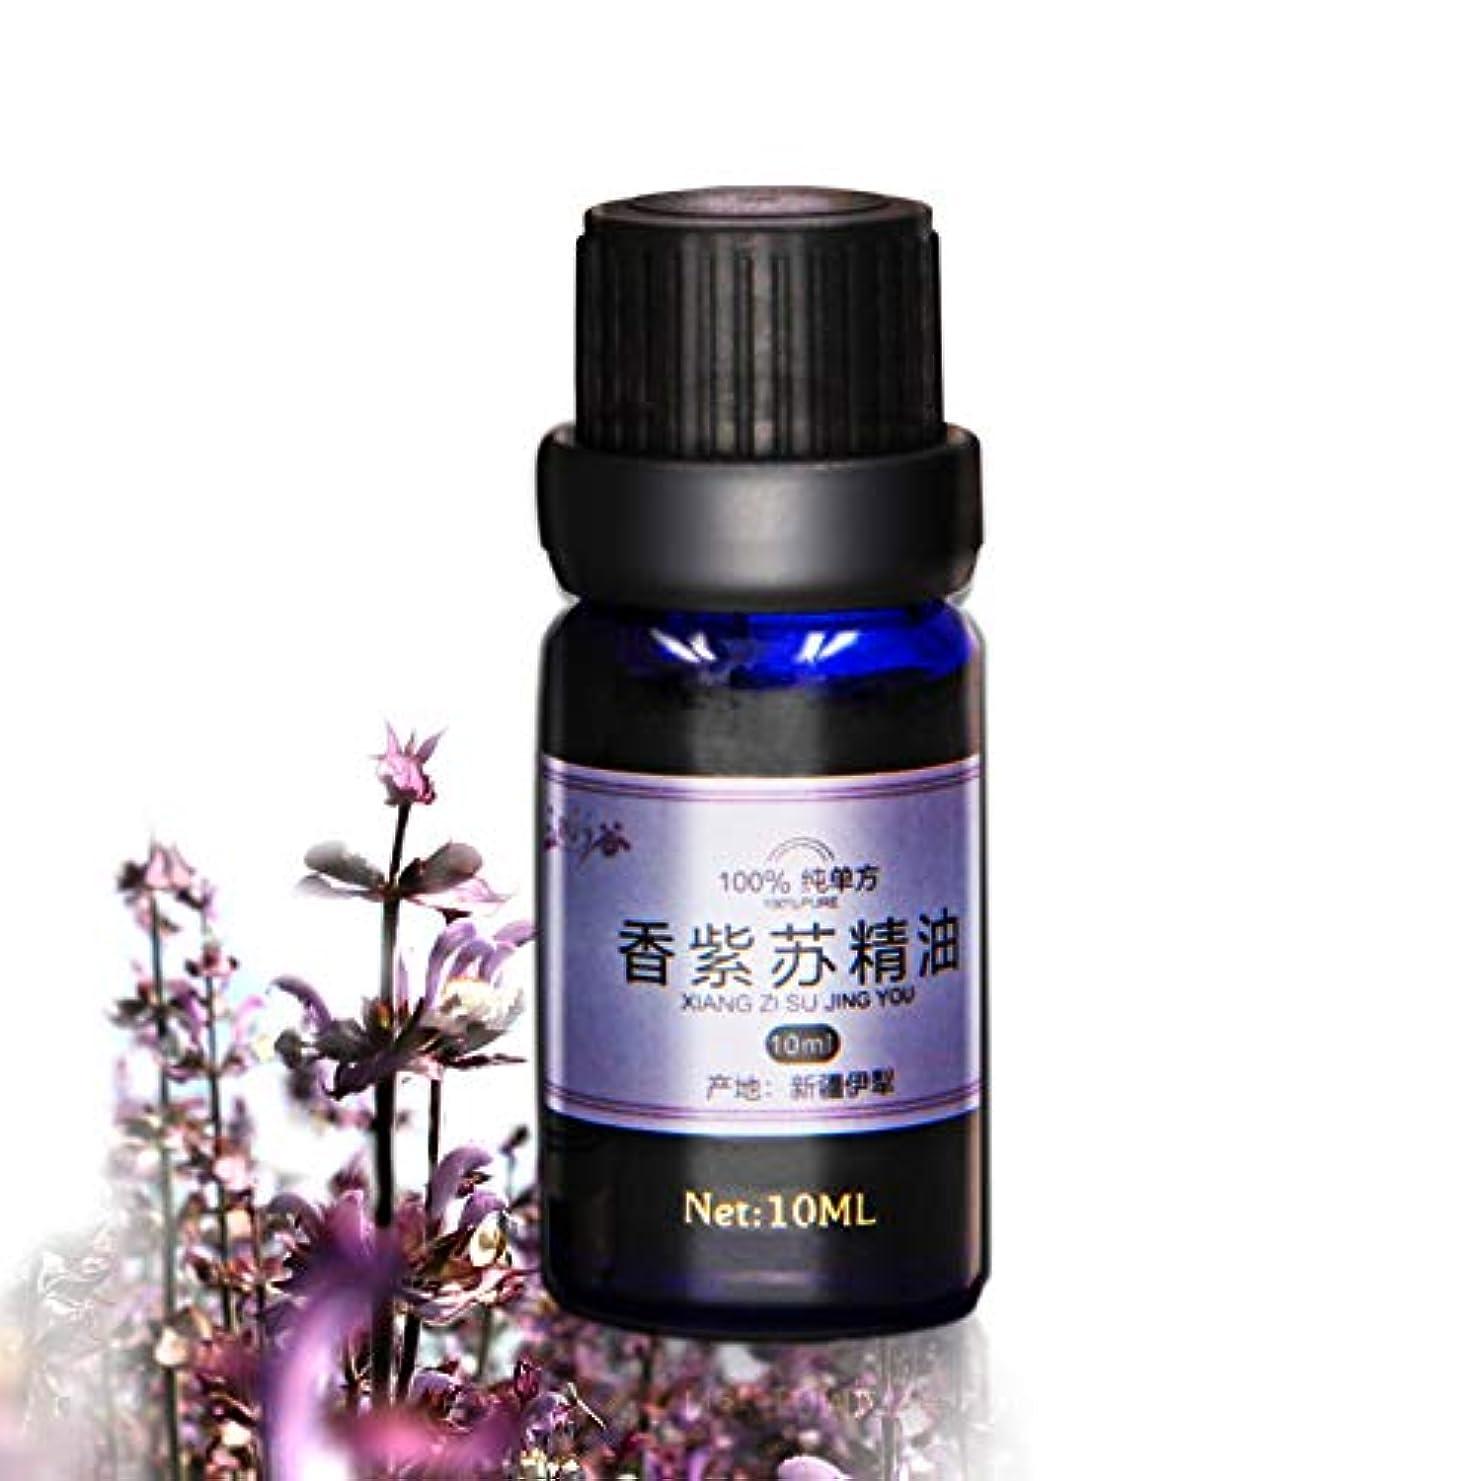 薬甥ブロックJQ セージ エッセンシャルオイル 精油 (アロマオイル) 100% 純粋な 天然 オーガニック 10ml